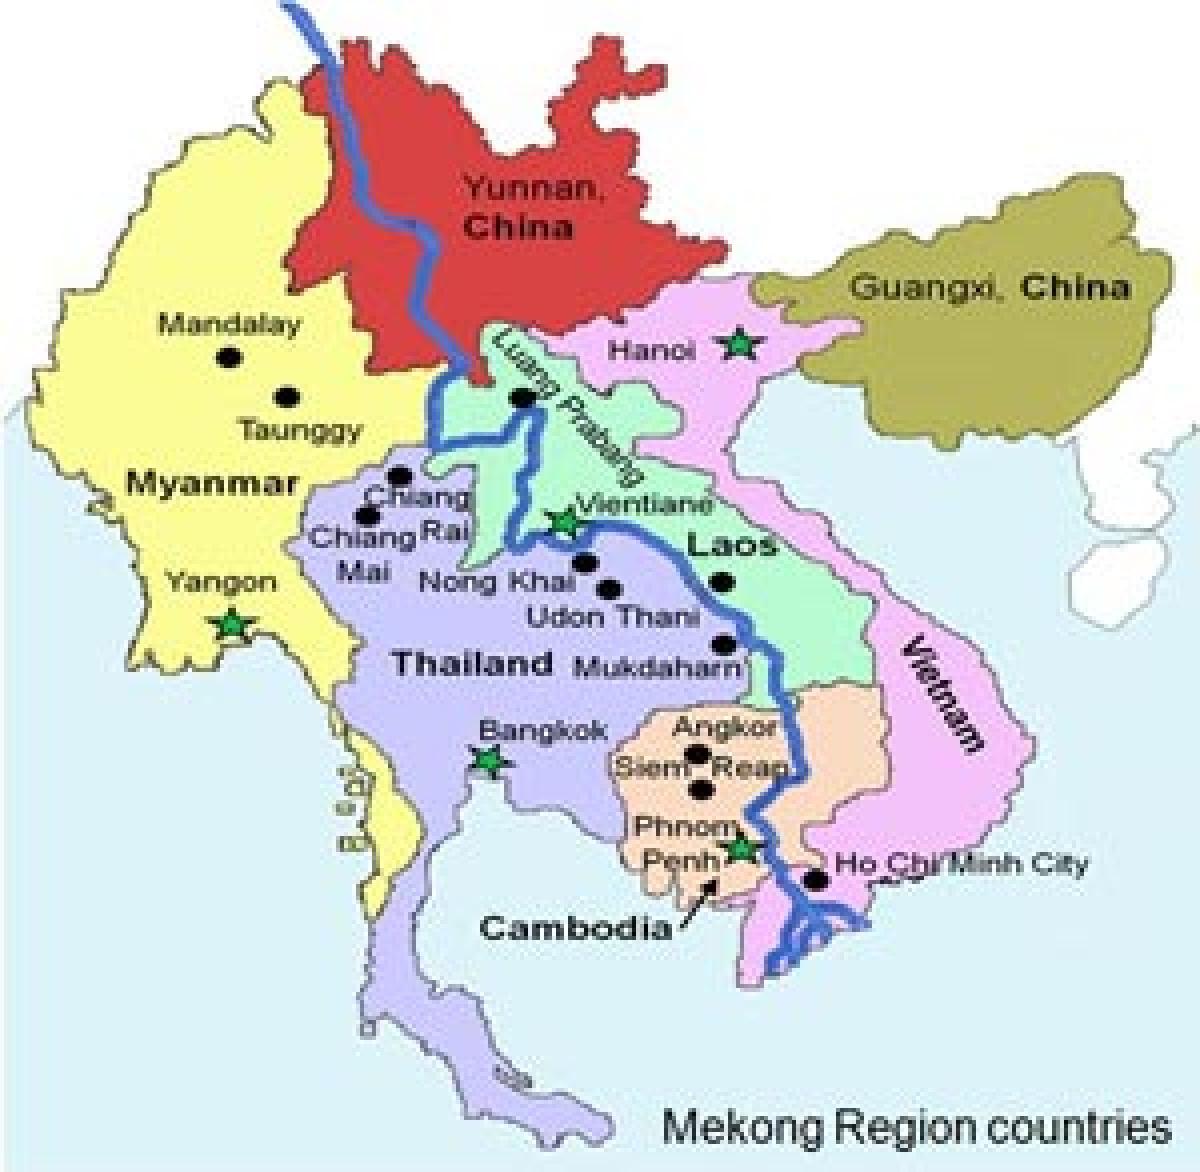 MekongGanga Cooperation